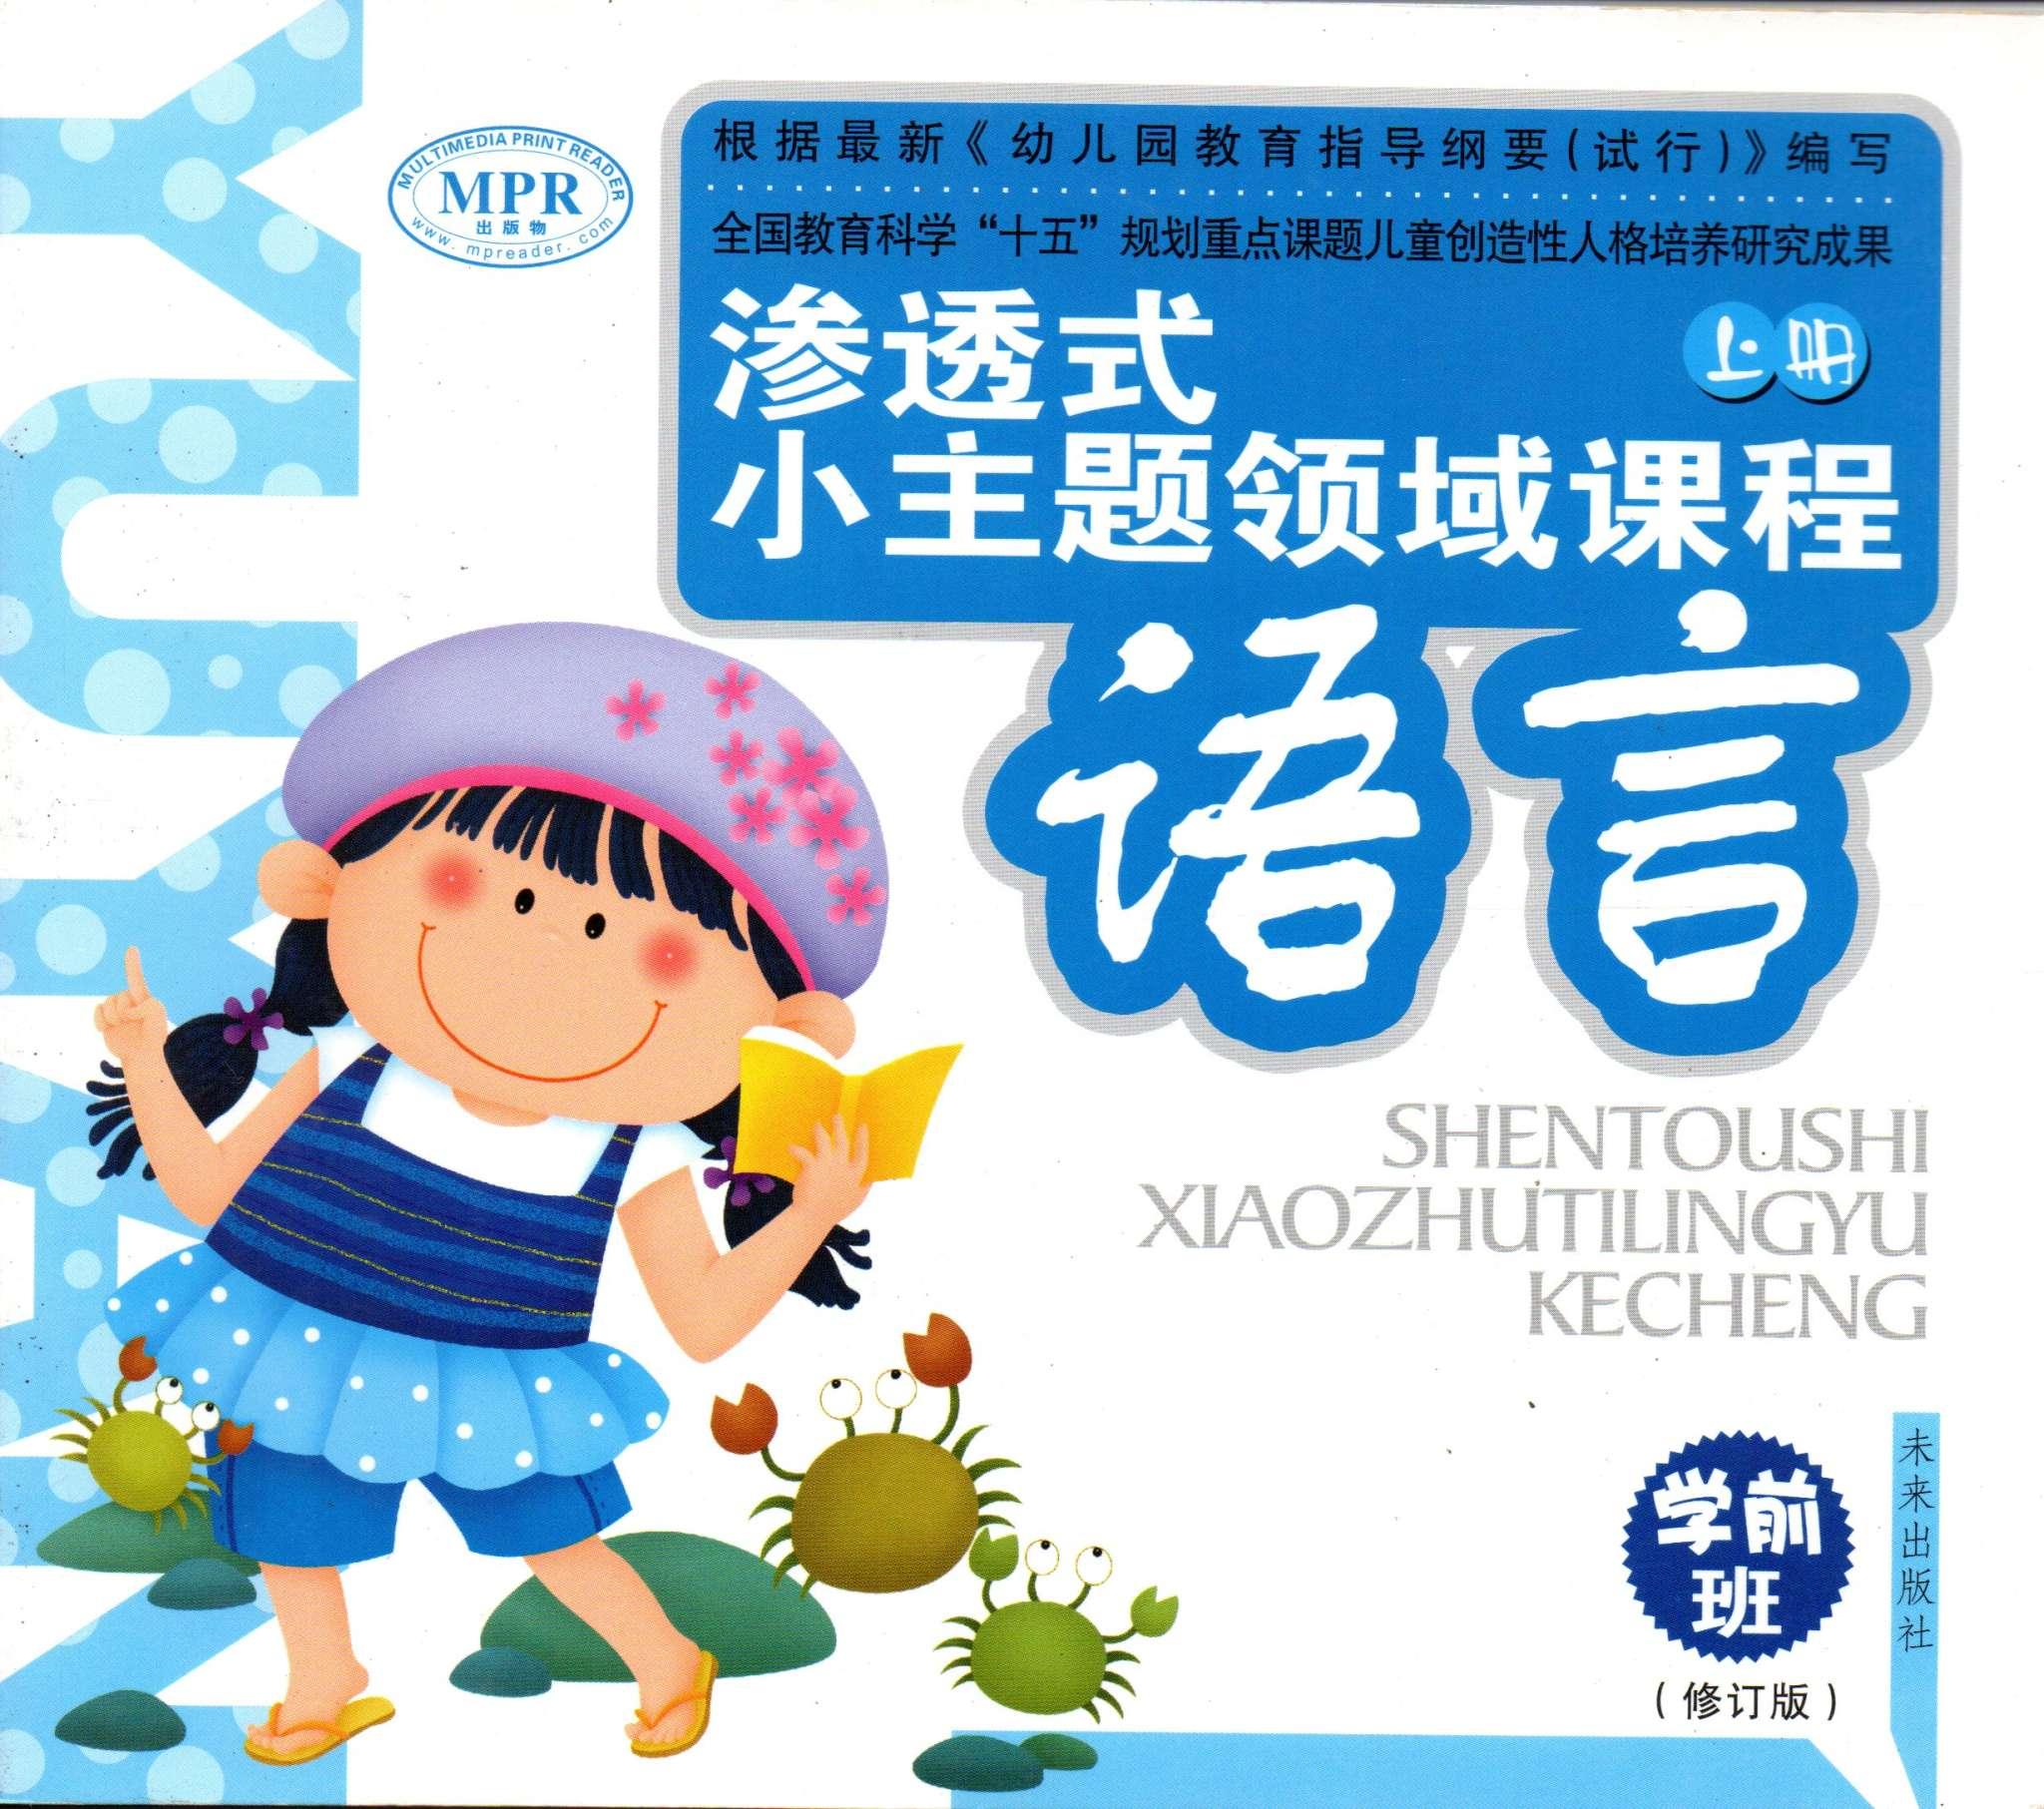 贵州贵阳五大领域小主题幼儿园多媒体有声教材